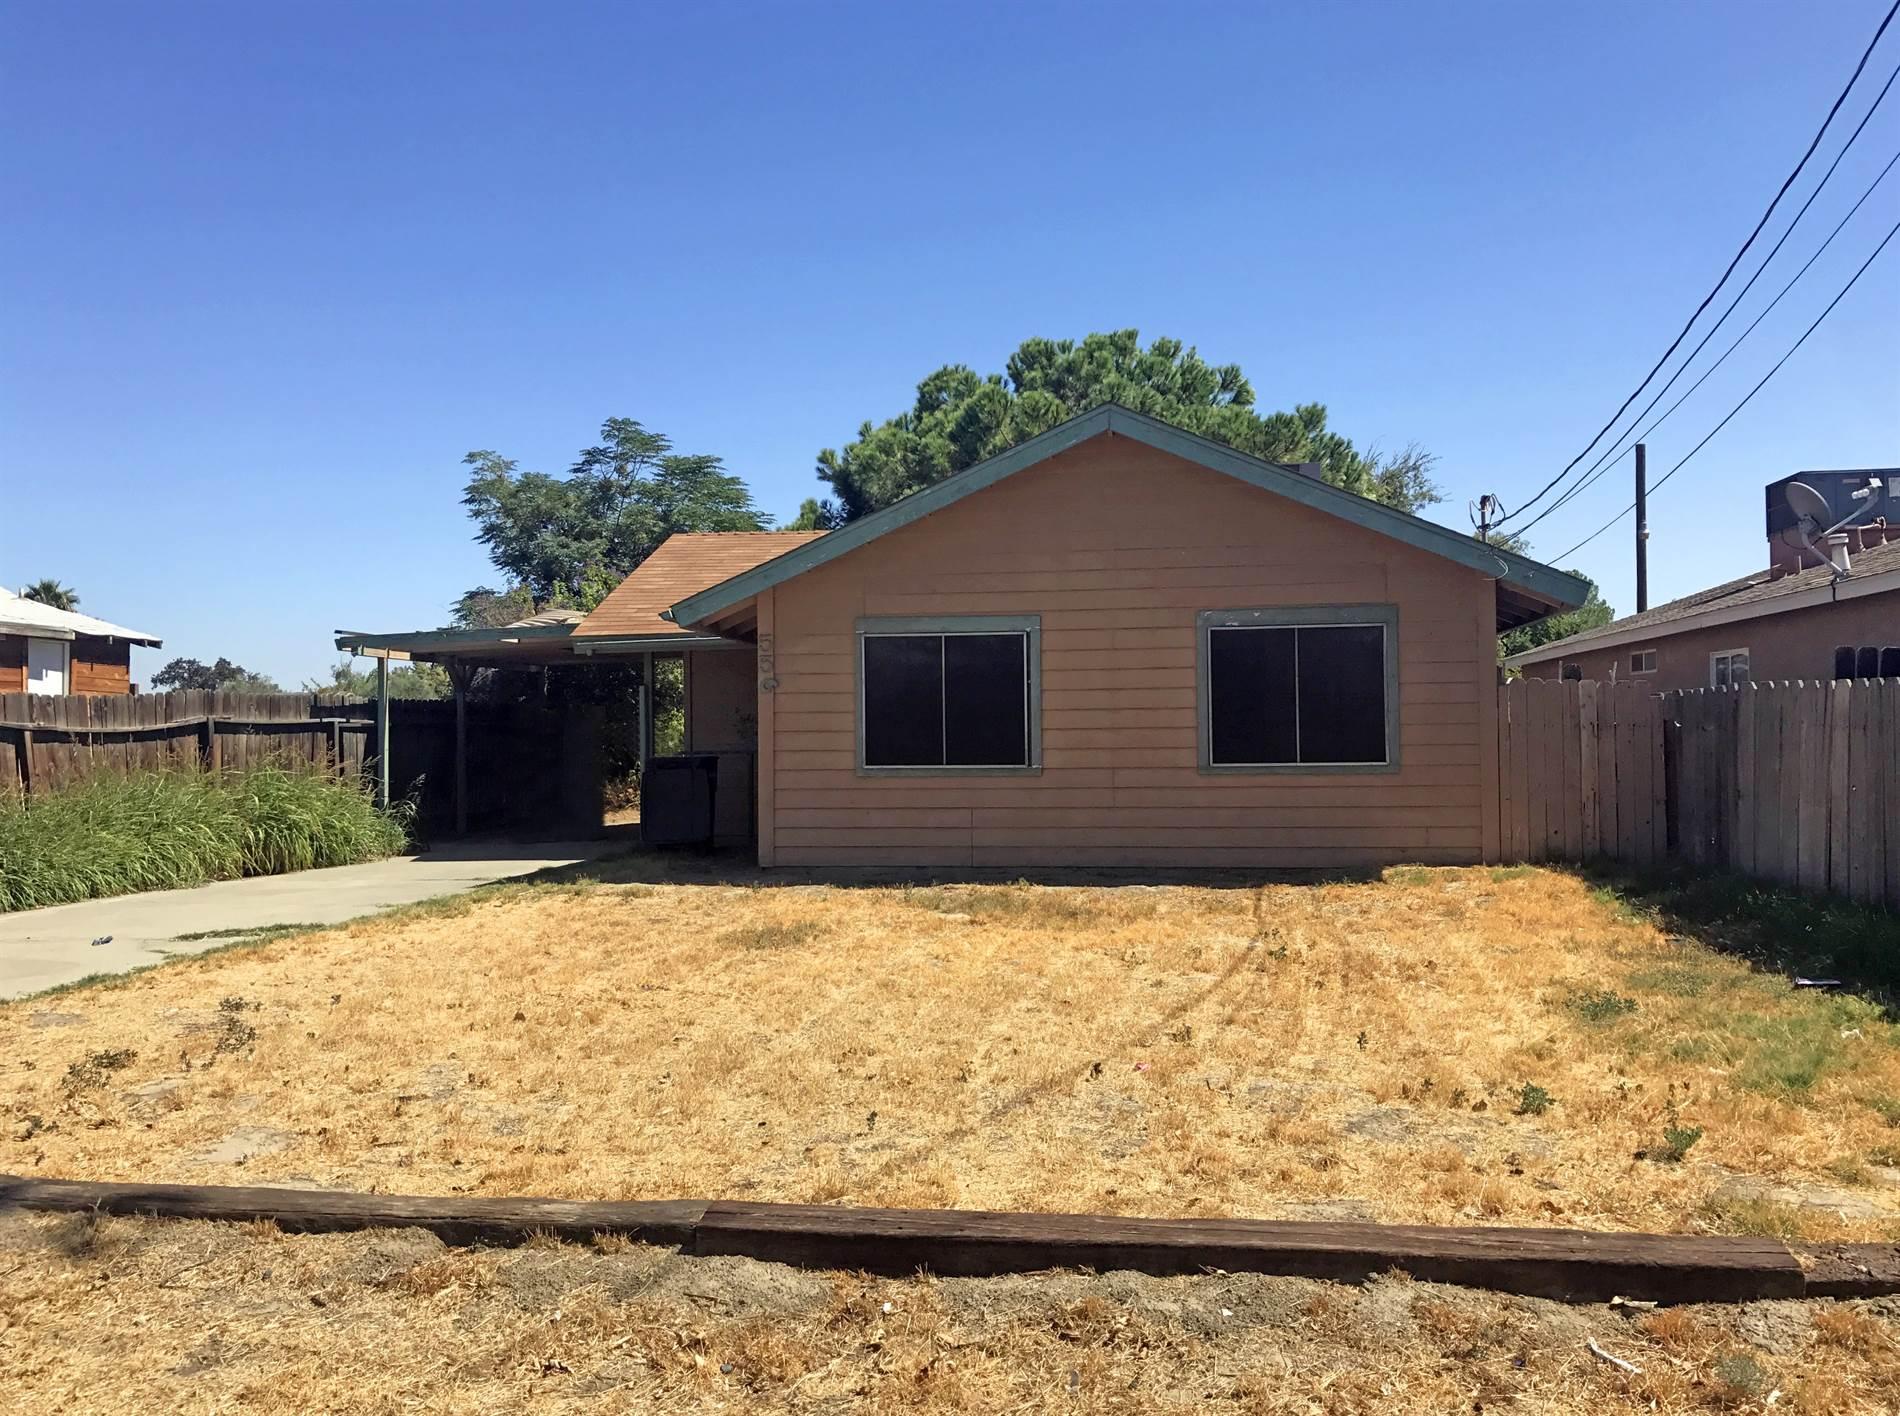 Photo of 559 Kimball Ln  Hanford  CA